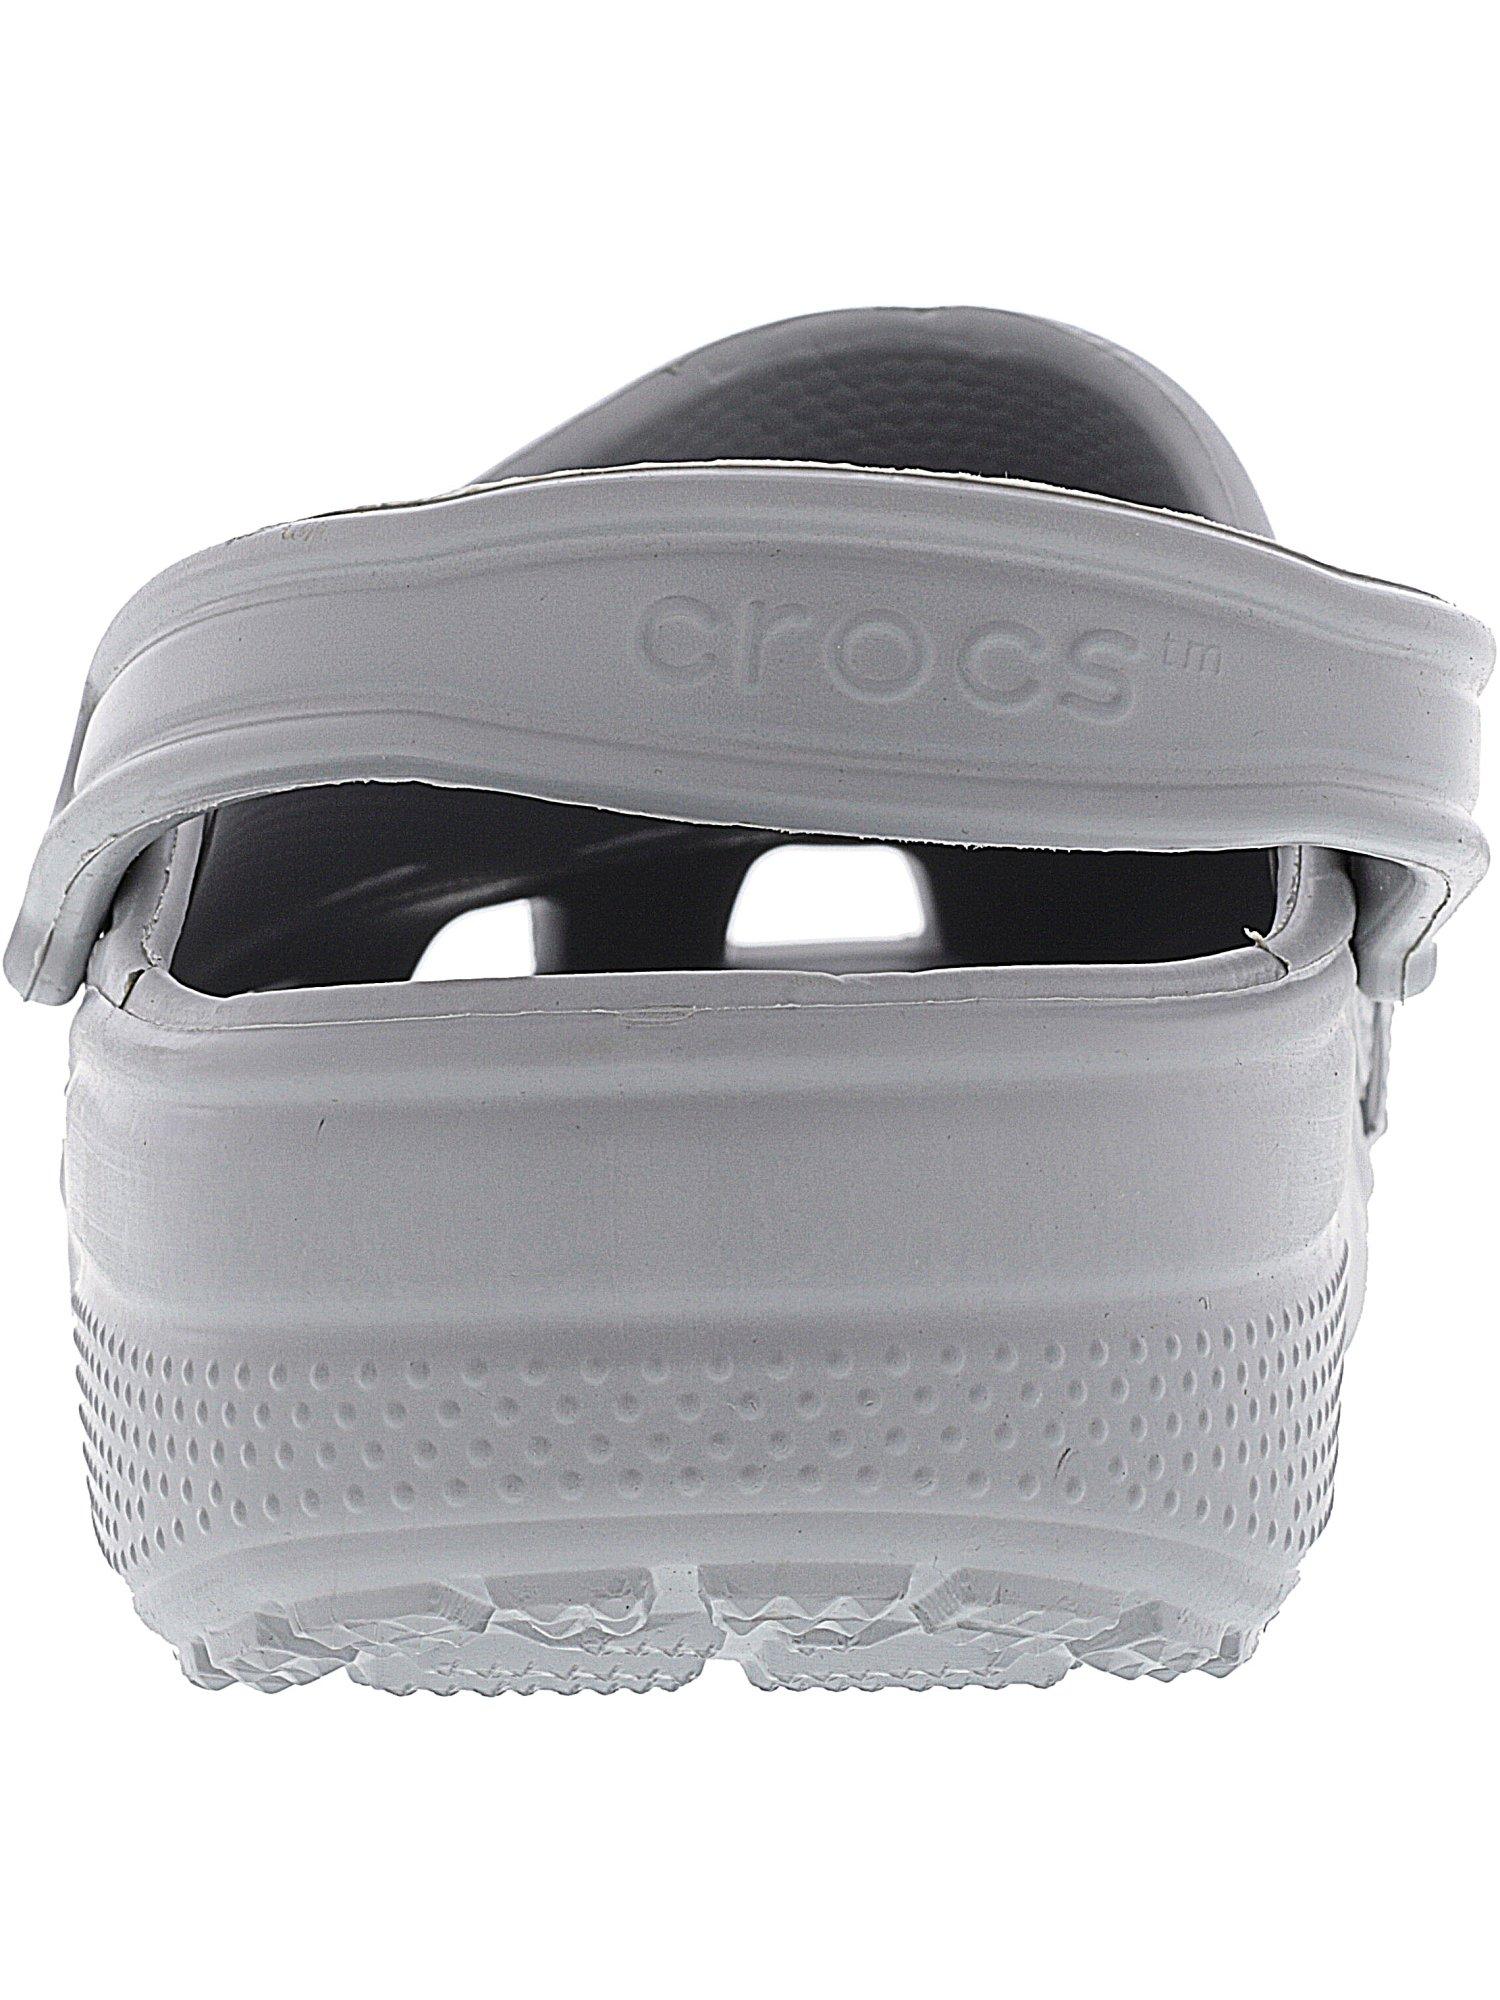 Crocs-Classic-Clog-Ltd-Clogs thumbnail 23